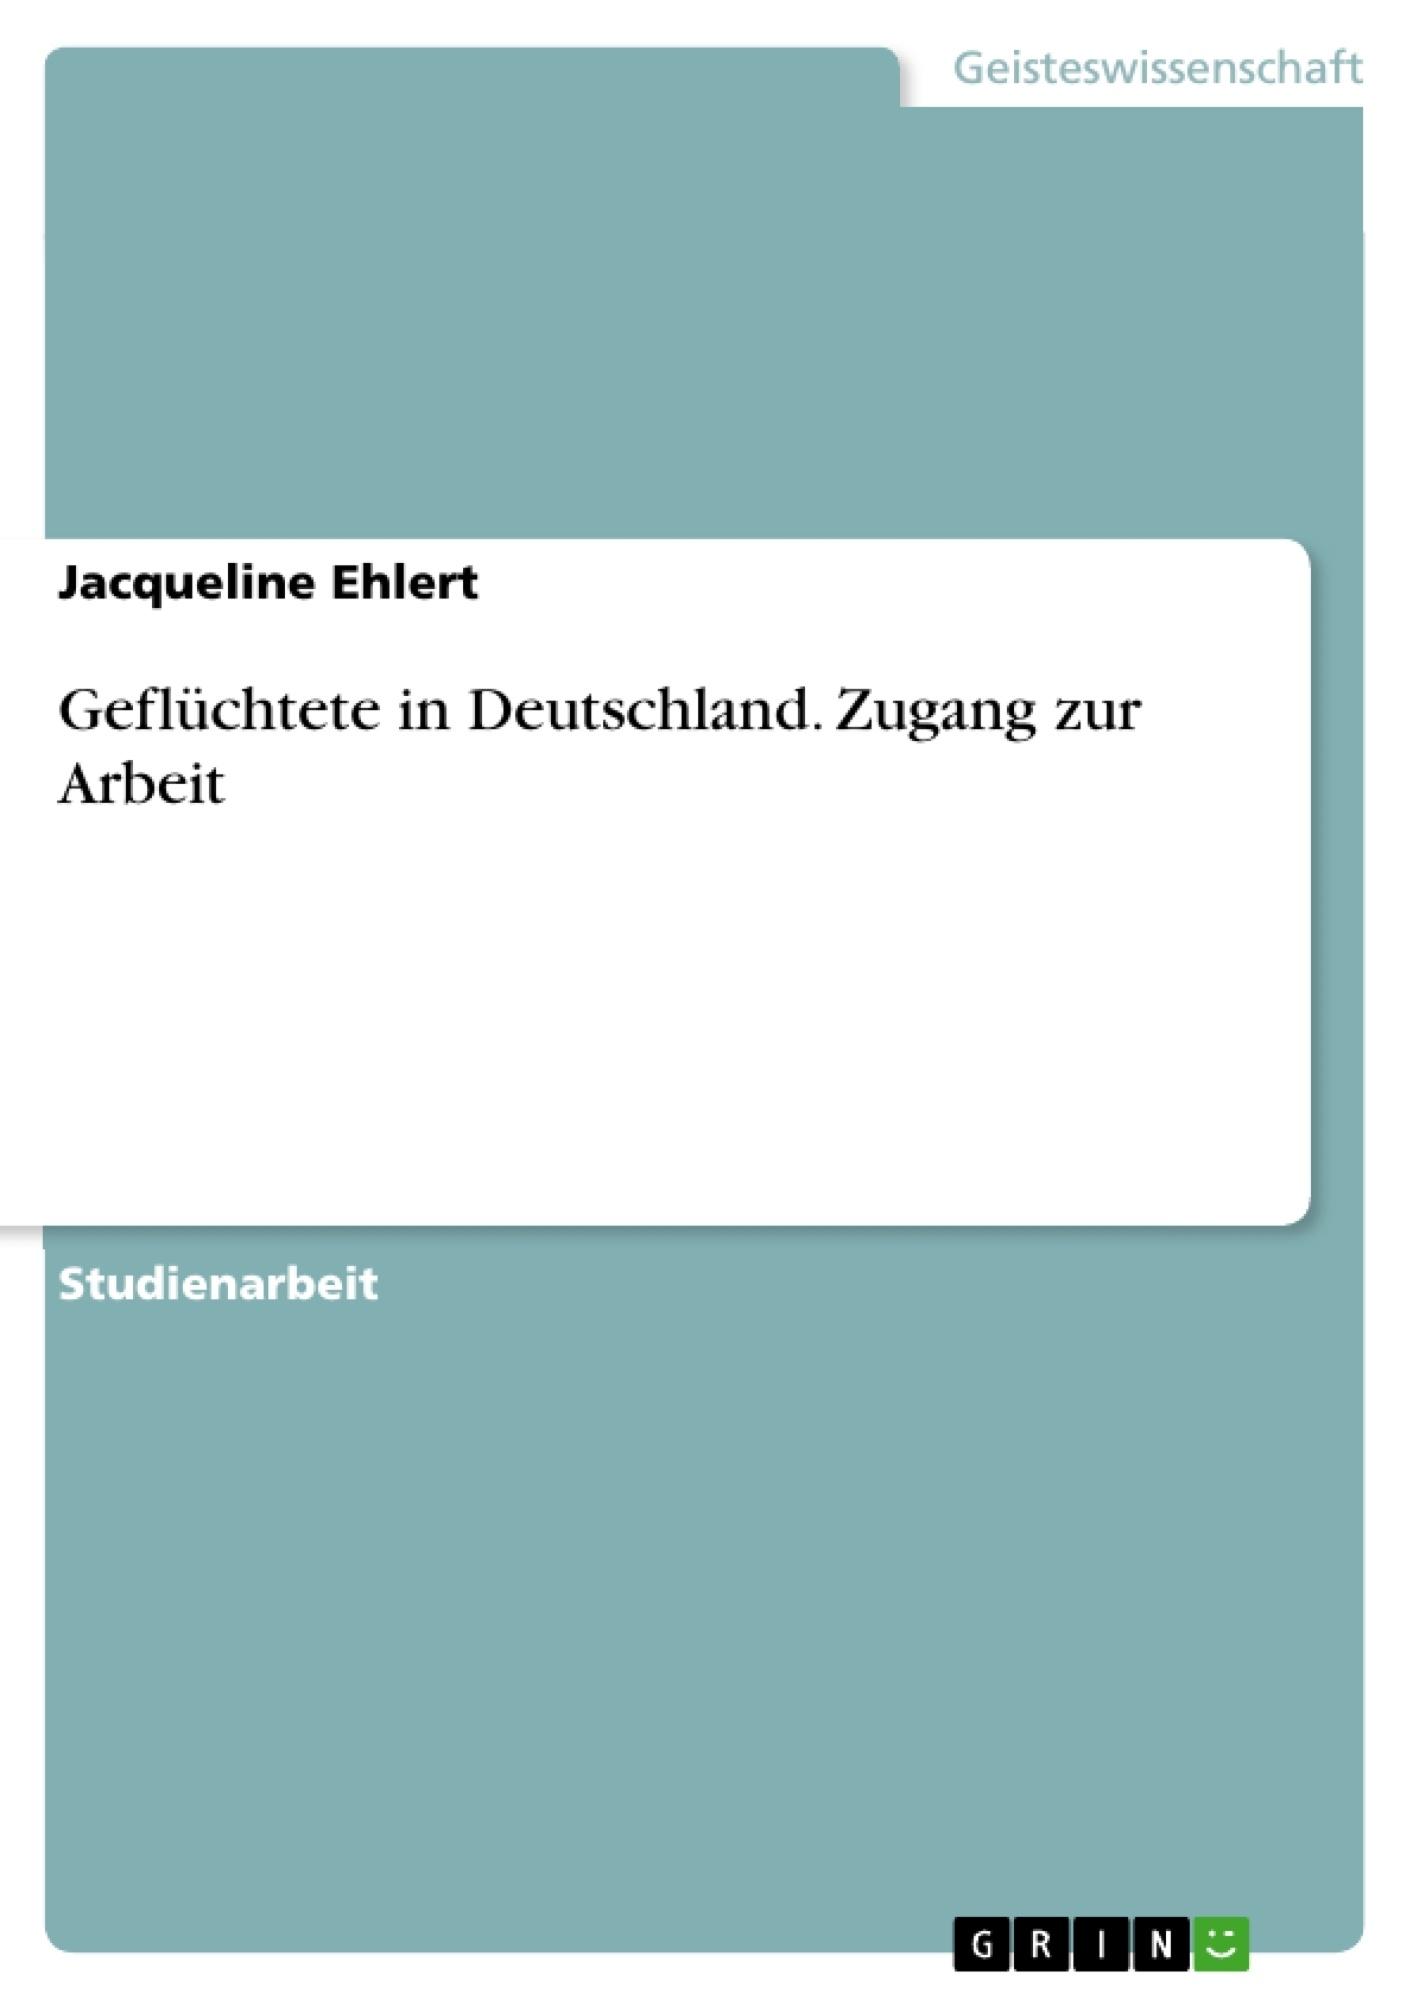 Titel: Geflüchtete in Deutschland. Zugang zur Arbeit